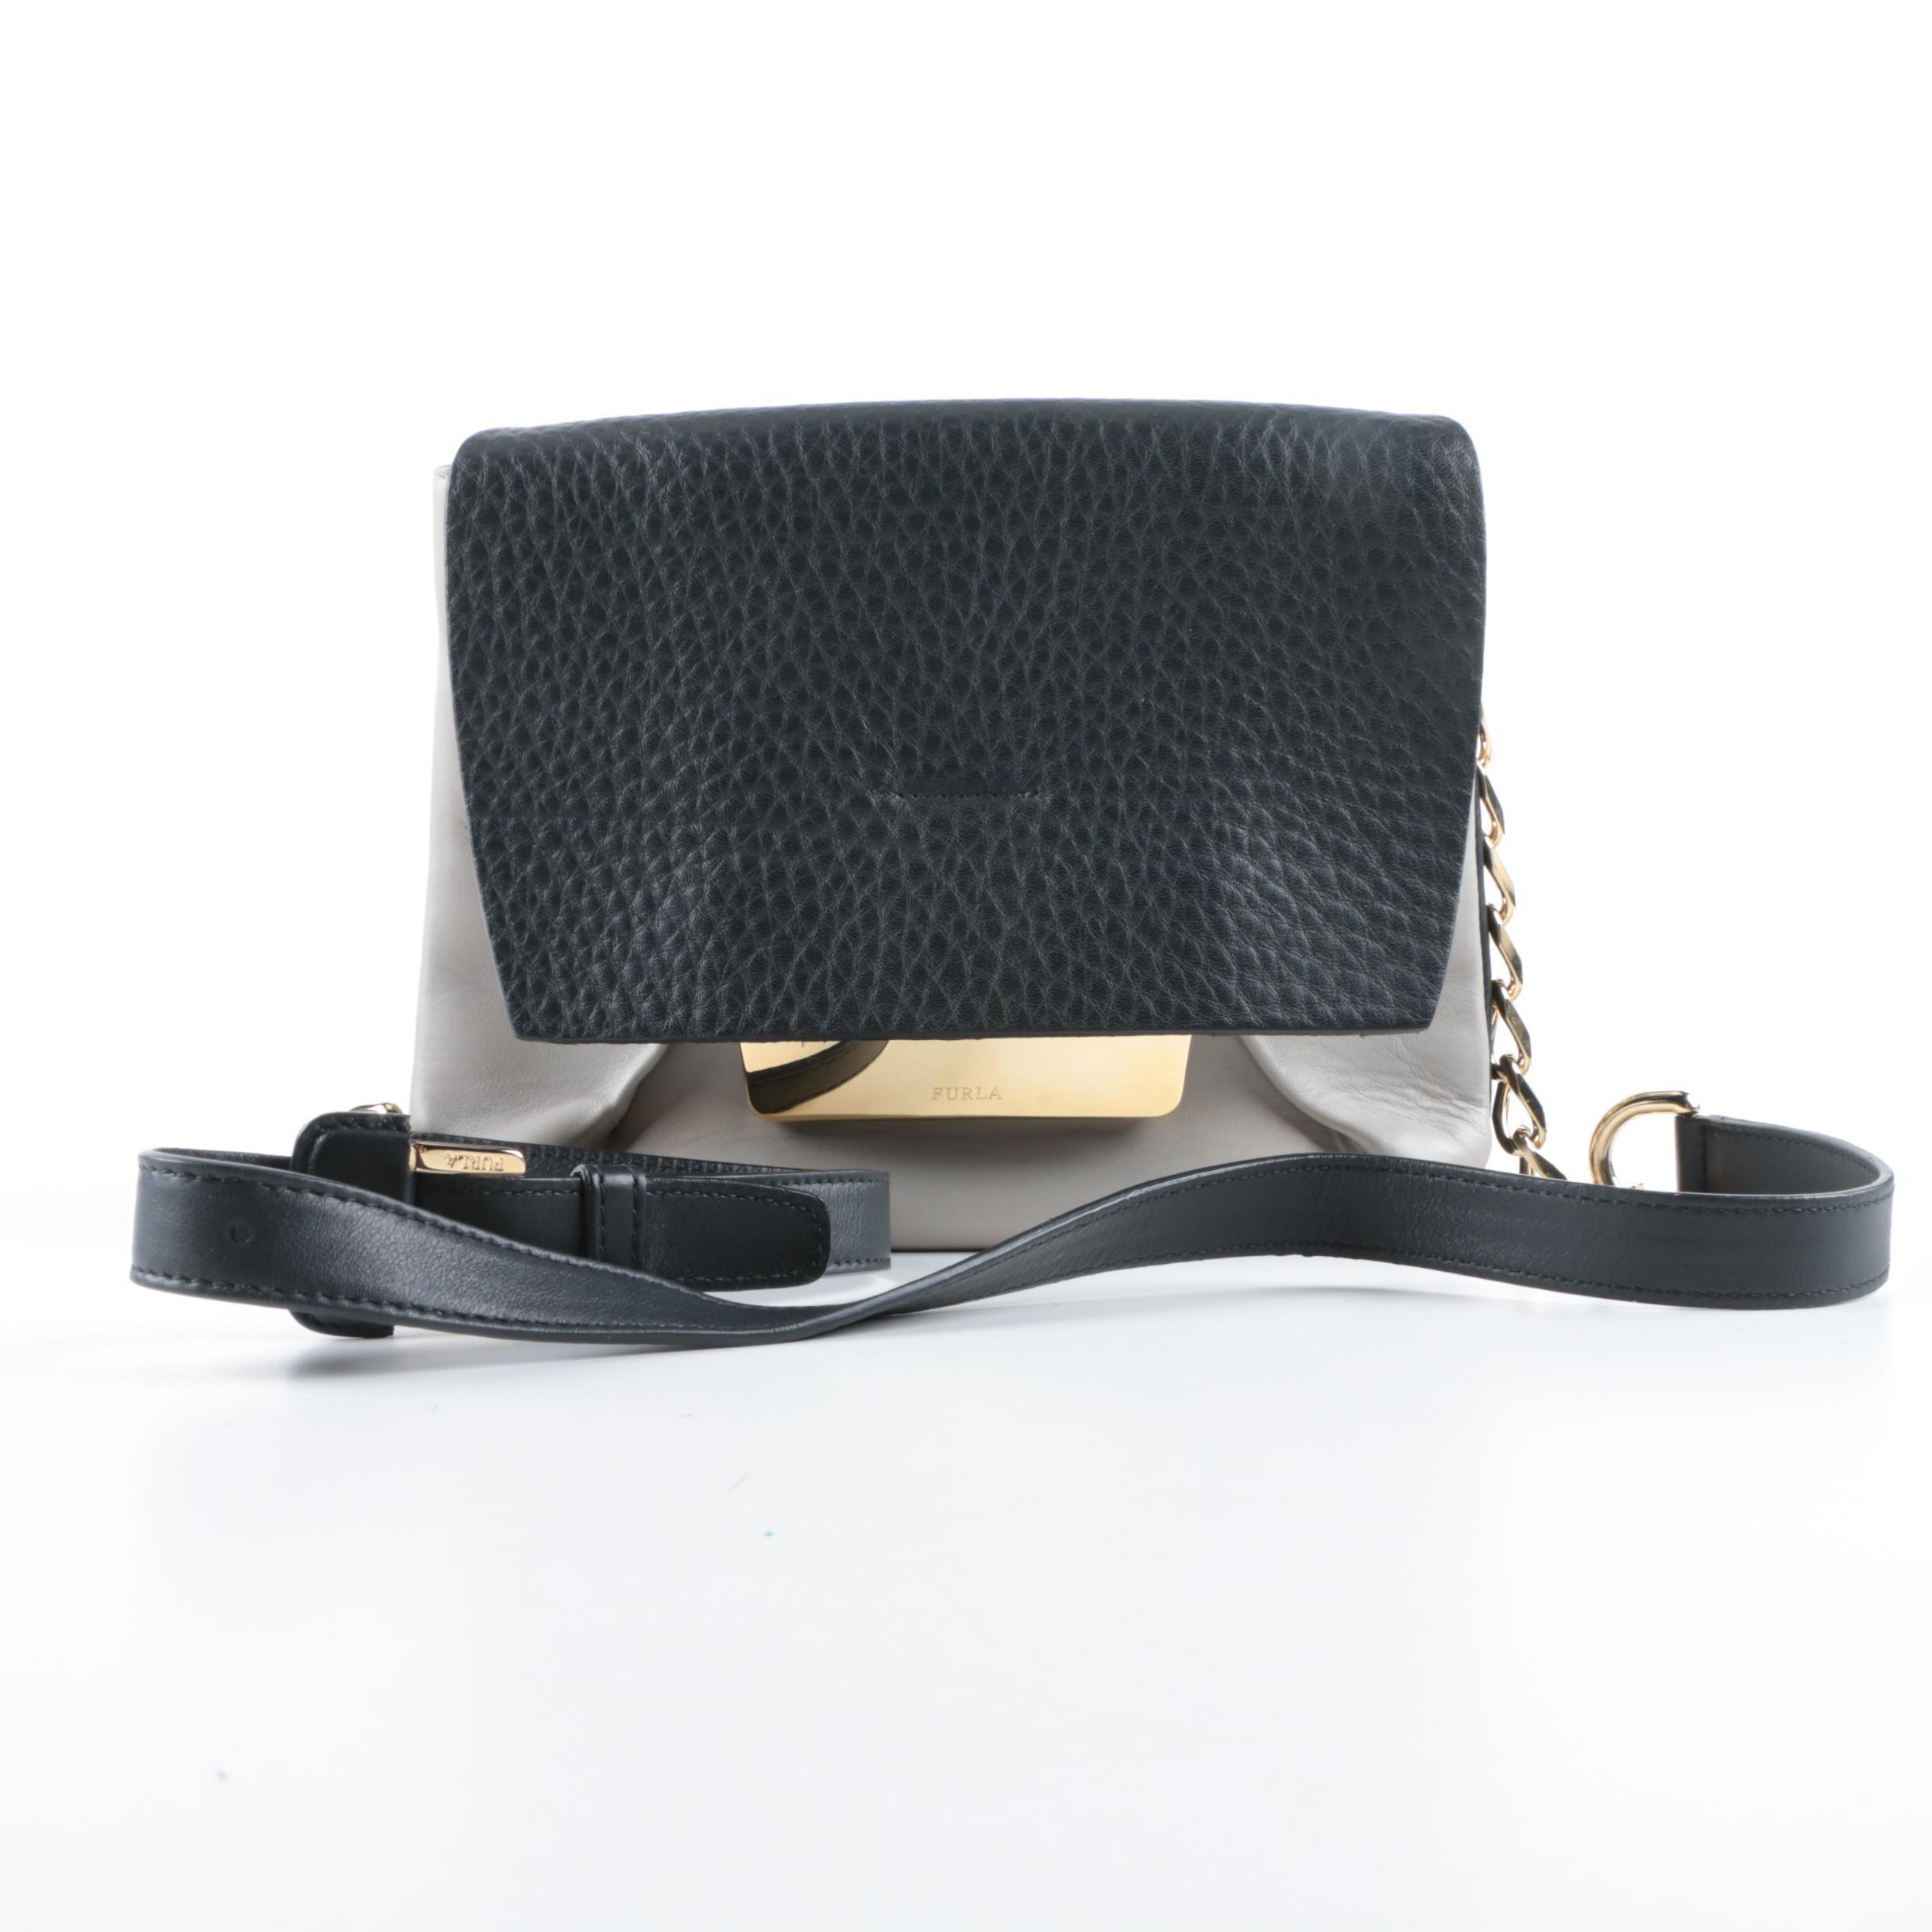 Furla Black and Grey Leather Shoulder Bag